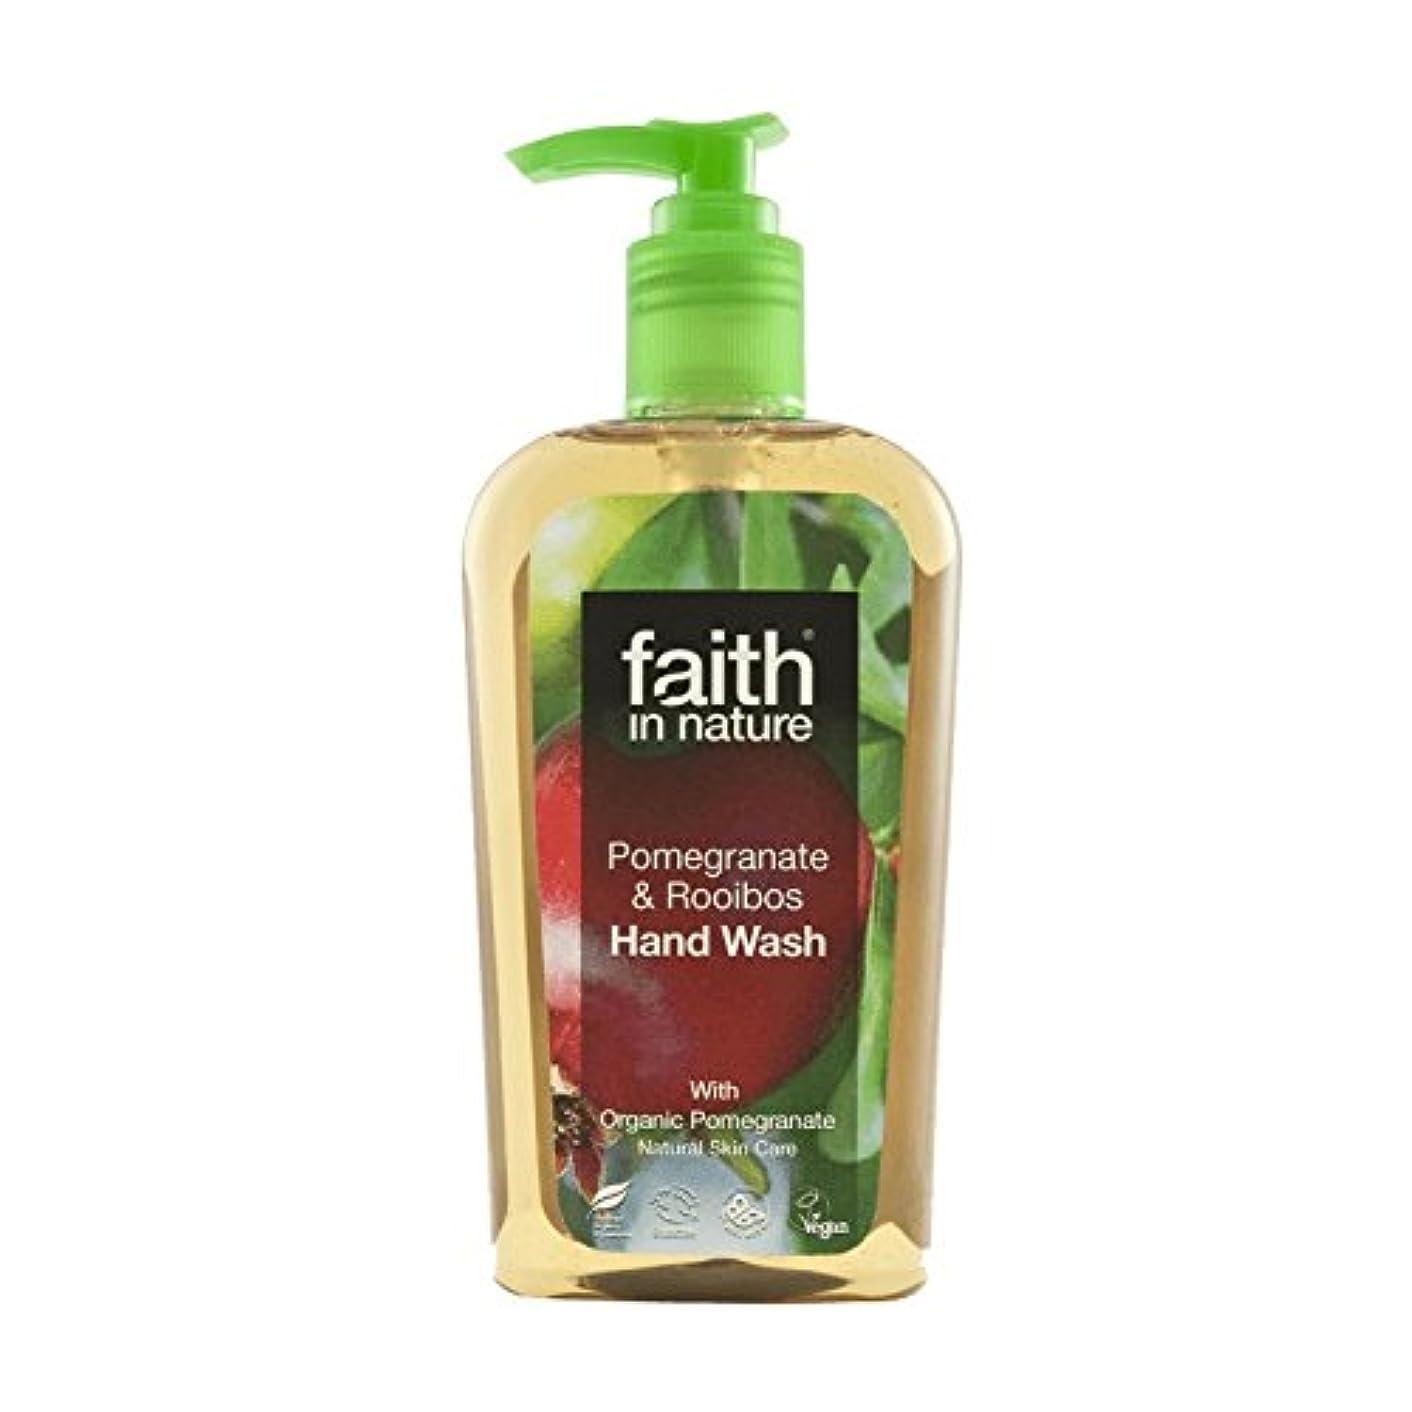 セメント服を着る消化器Faith In Nature Pomegranate & Rooibos Handwash 300ml (Pack of 6) - 自然ザクロ&ルイボス手洗いの300ミリリットルの信仰 (x6) [並行輸入品]